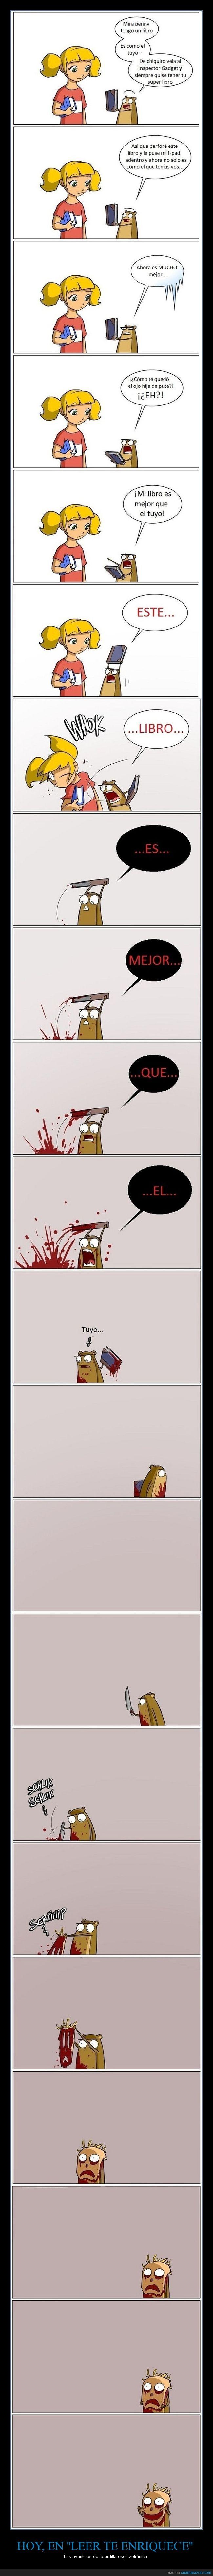 libro,mascara,matar,piel,sangre